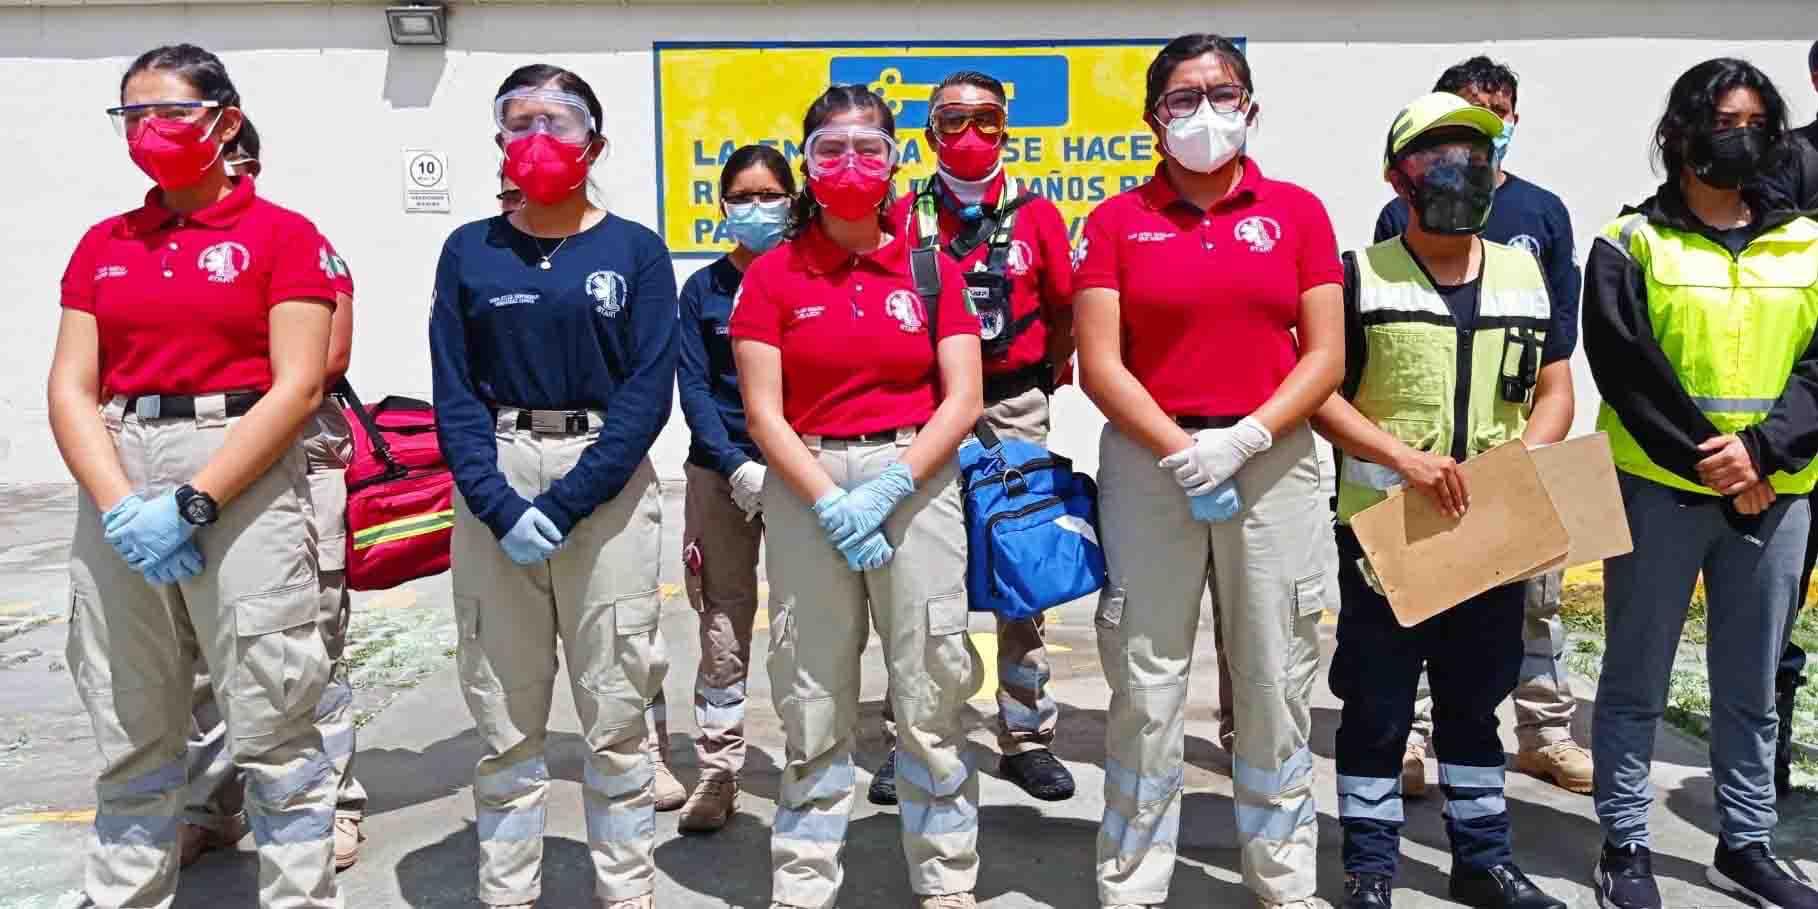 El simulacro sirve para salvar vidas: Protección Civil   El Imparcial de Oaxaca